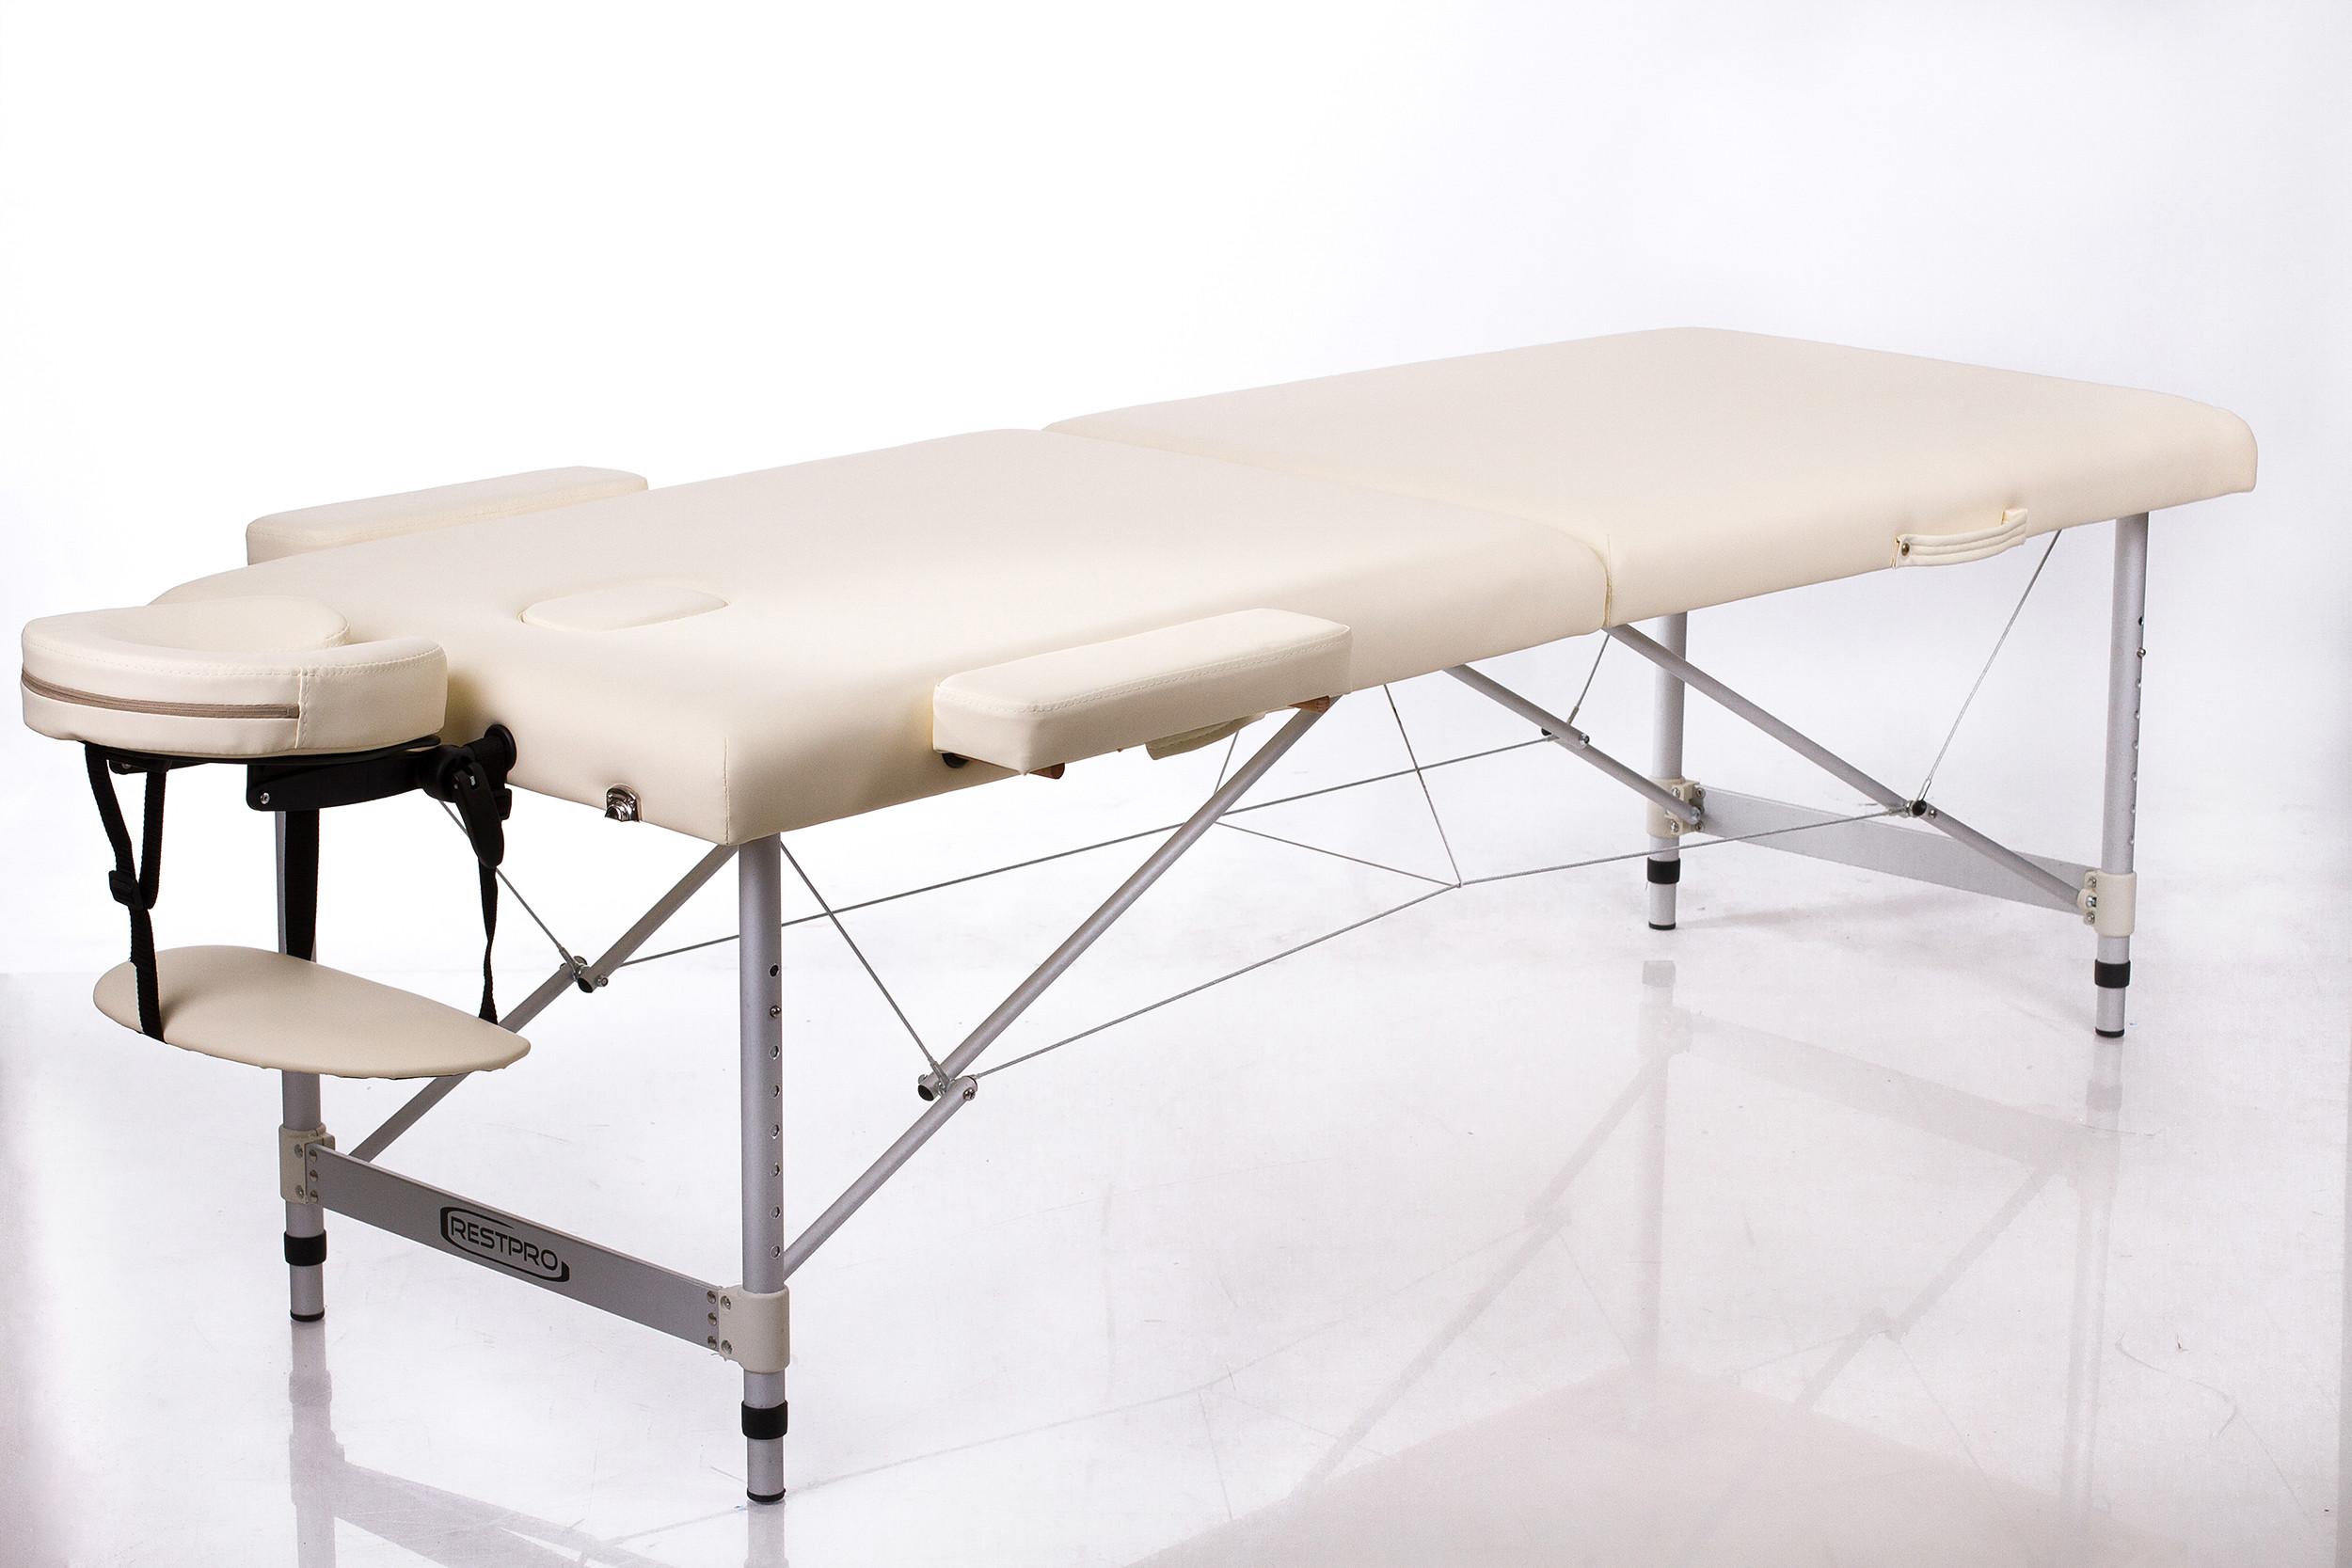 Складной массажный стол Restpro ALU2 (L)-CreamАлюминиевый профессиональный складной массажный стол (массажная кушетка). Стол ALU подходит для: всех видов массажа,&amp;nbsp;акупунктуры, косметических процедур, лимфодренажа, рефлексотерапии.<br>